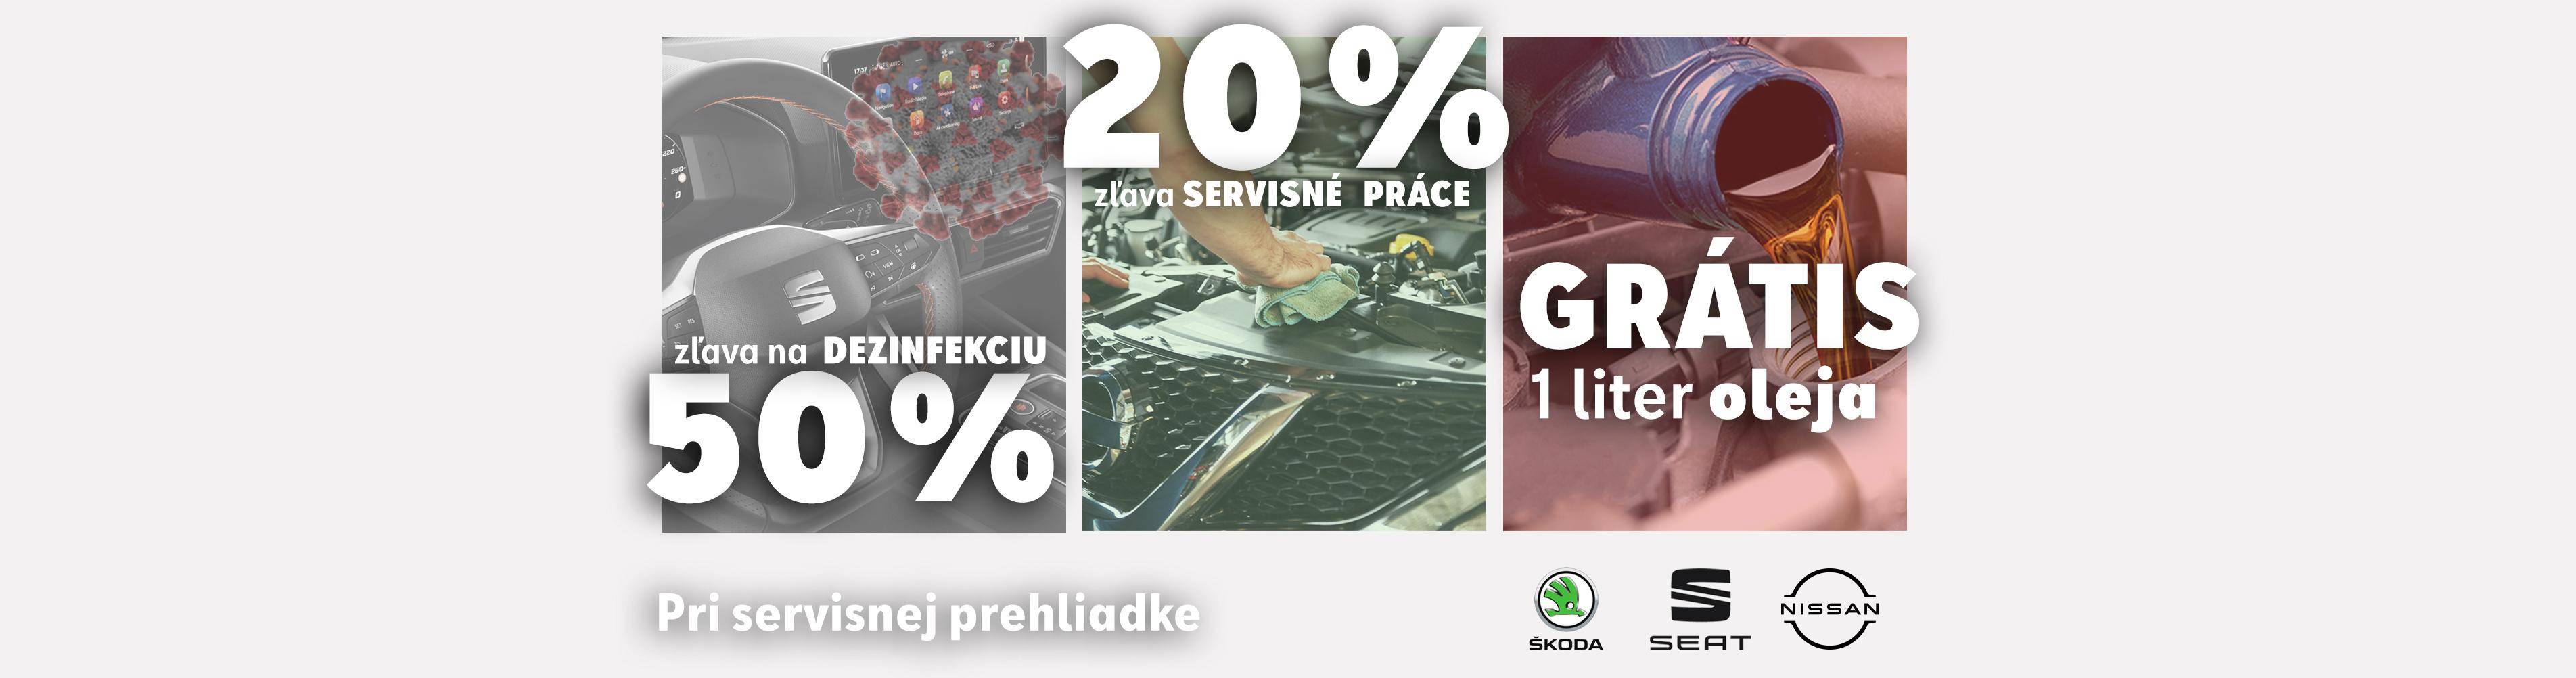 AKCIA pri servisnej prehliadke v AUTOSPOL Vlasatý pre všetky vozidlá značiek ŠKODA, SEAT a NISSAN